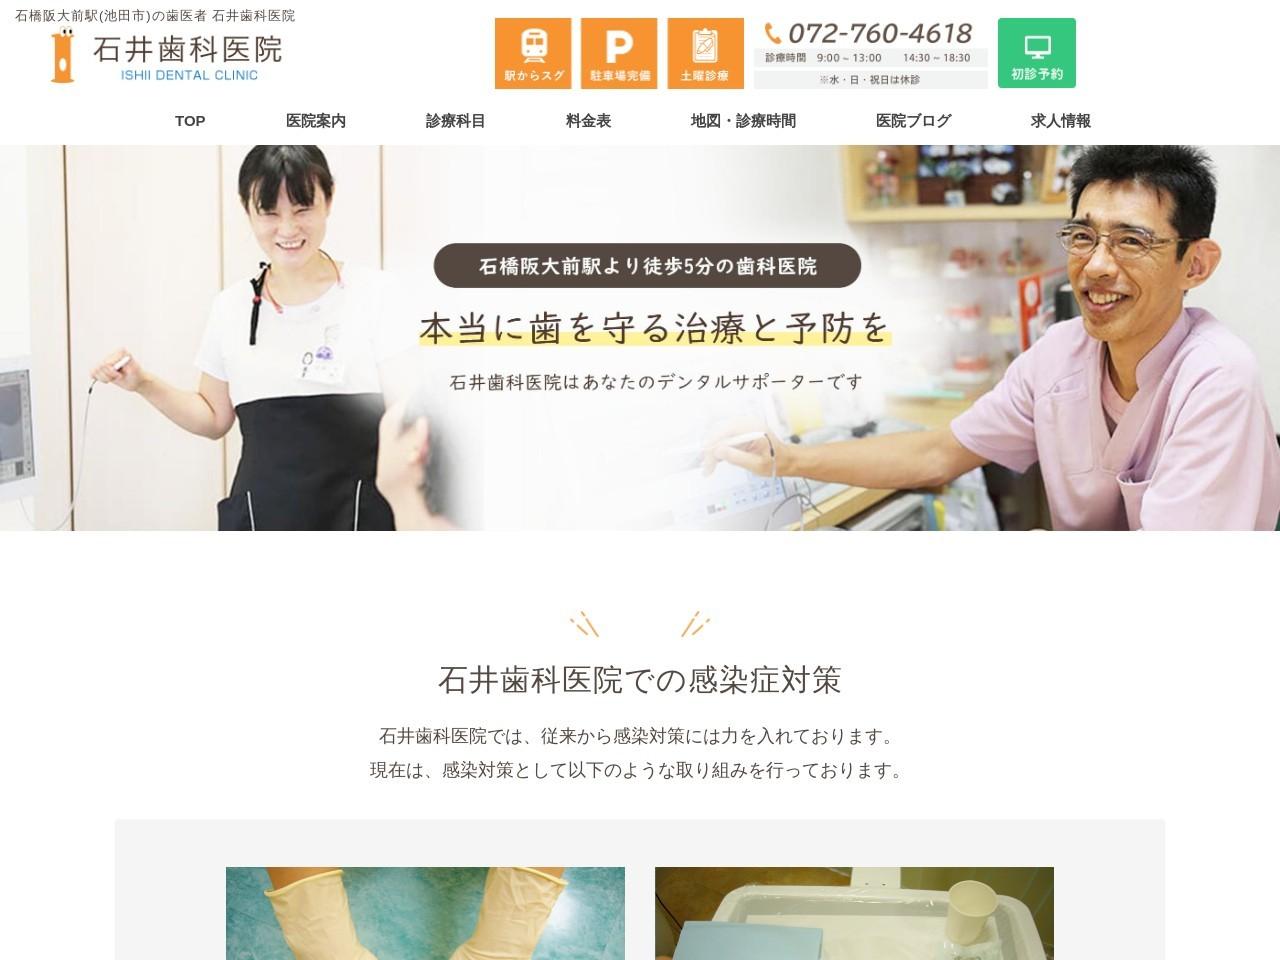 医療法人  石井歯科医院 (大阪府池田市)